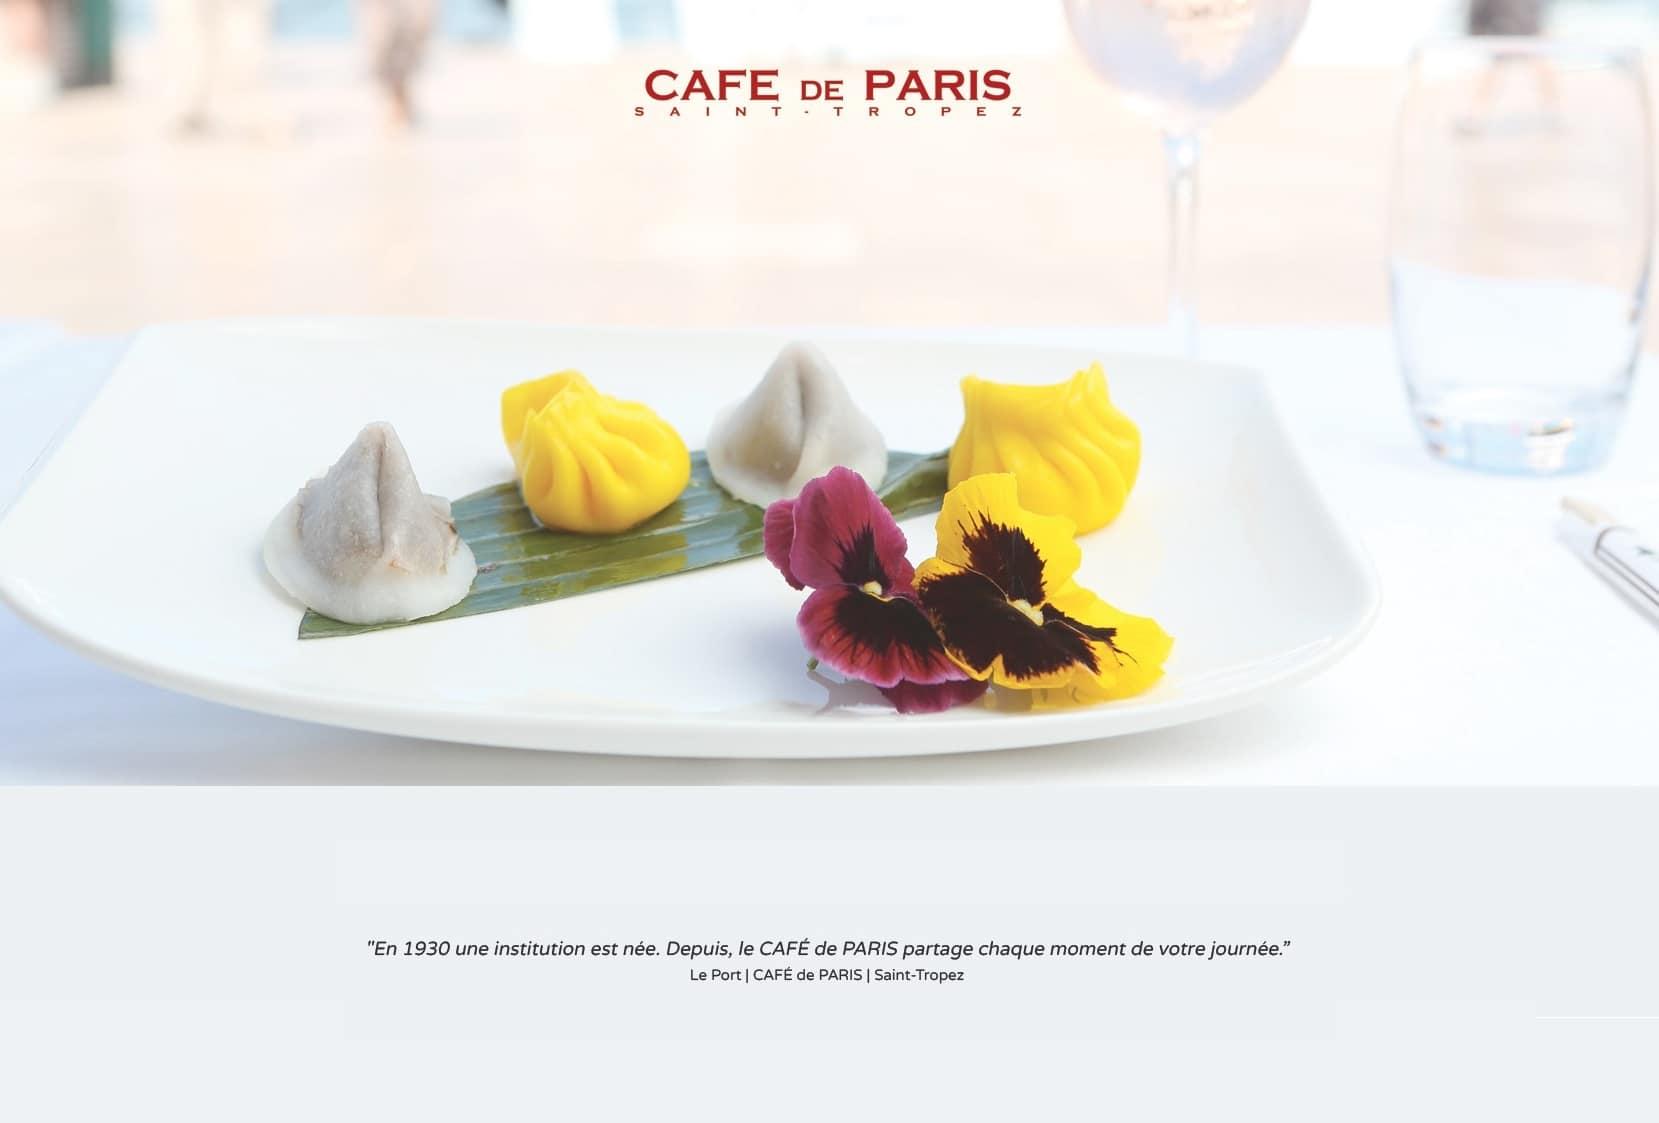 Création graphique, design carte de restaurant et intégration responsive Bootstrap du site Café de Paris